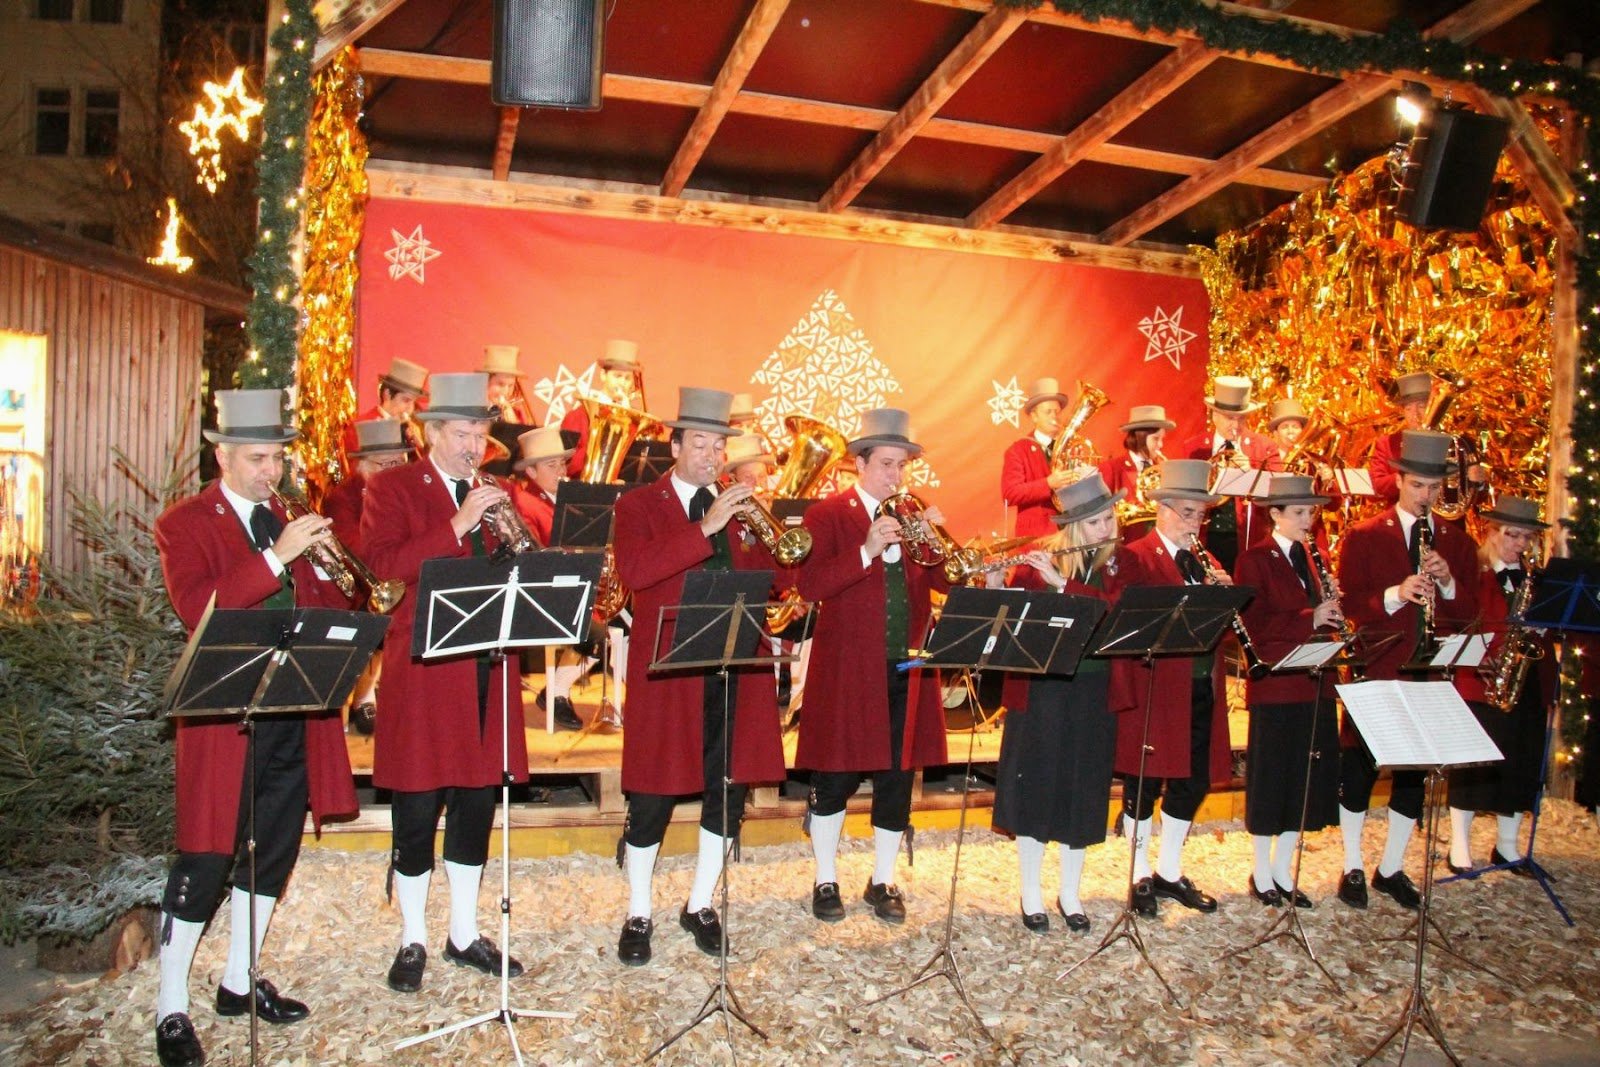 Weihnachtsmarkt Bregenz am 13.12.2014